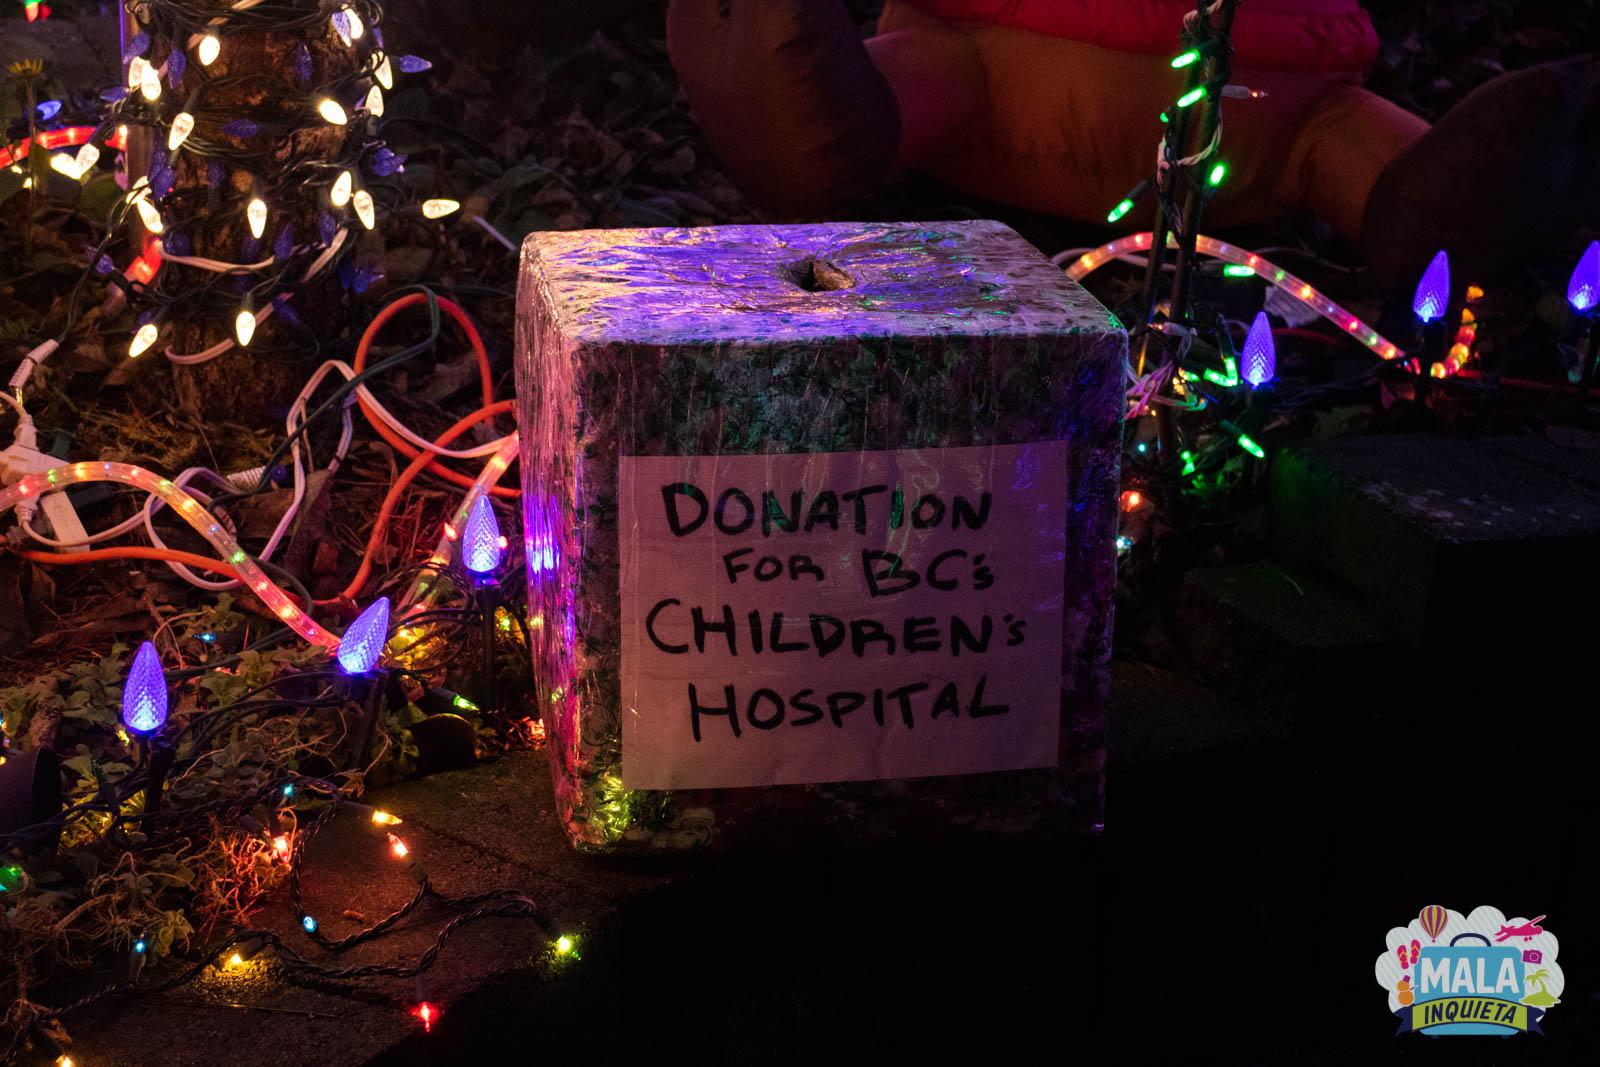 Caixa para doações na 6369 165A Street - Surrey   Foto: Renata Luppi